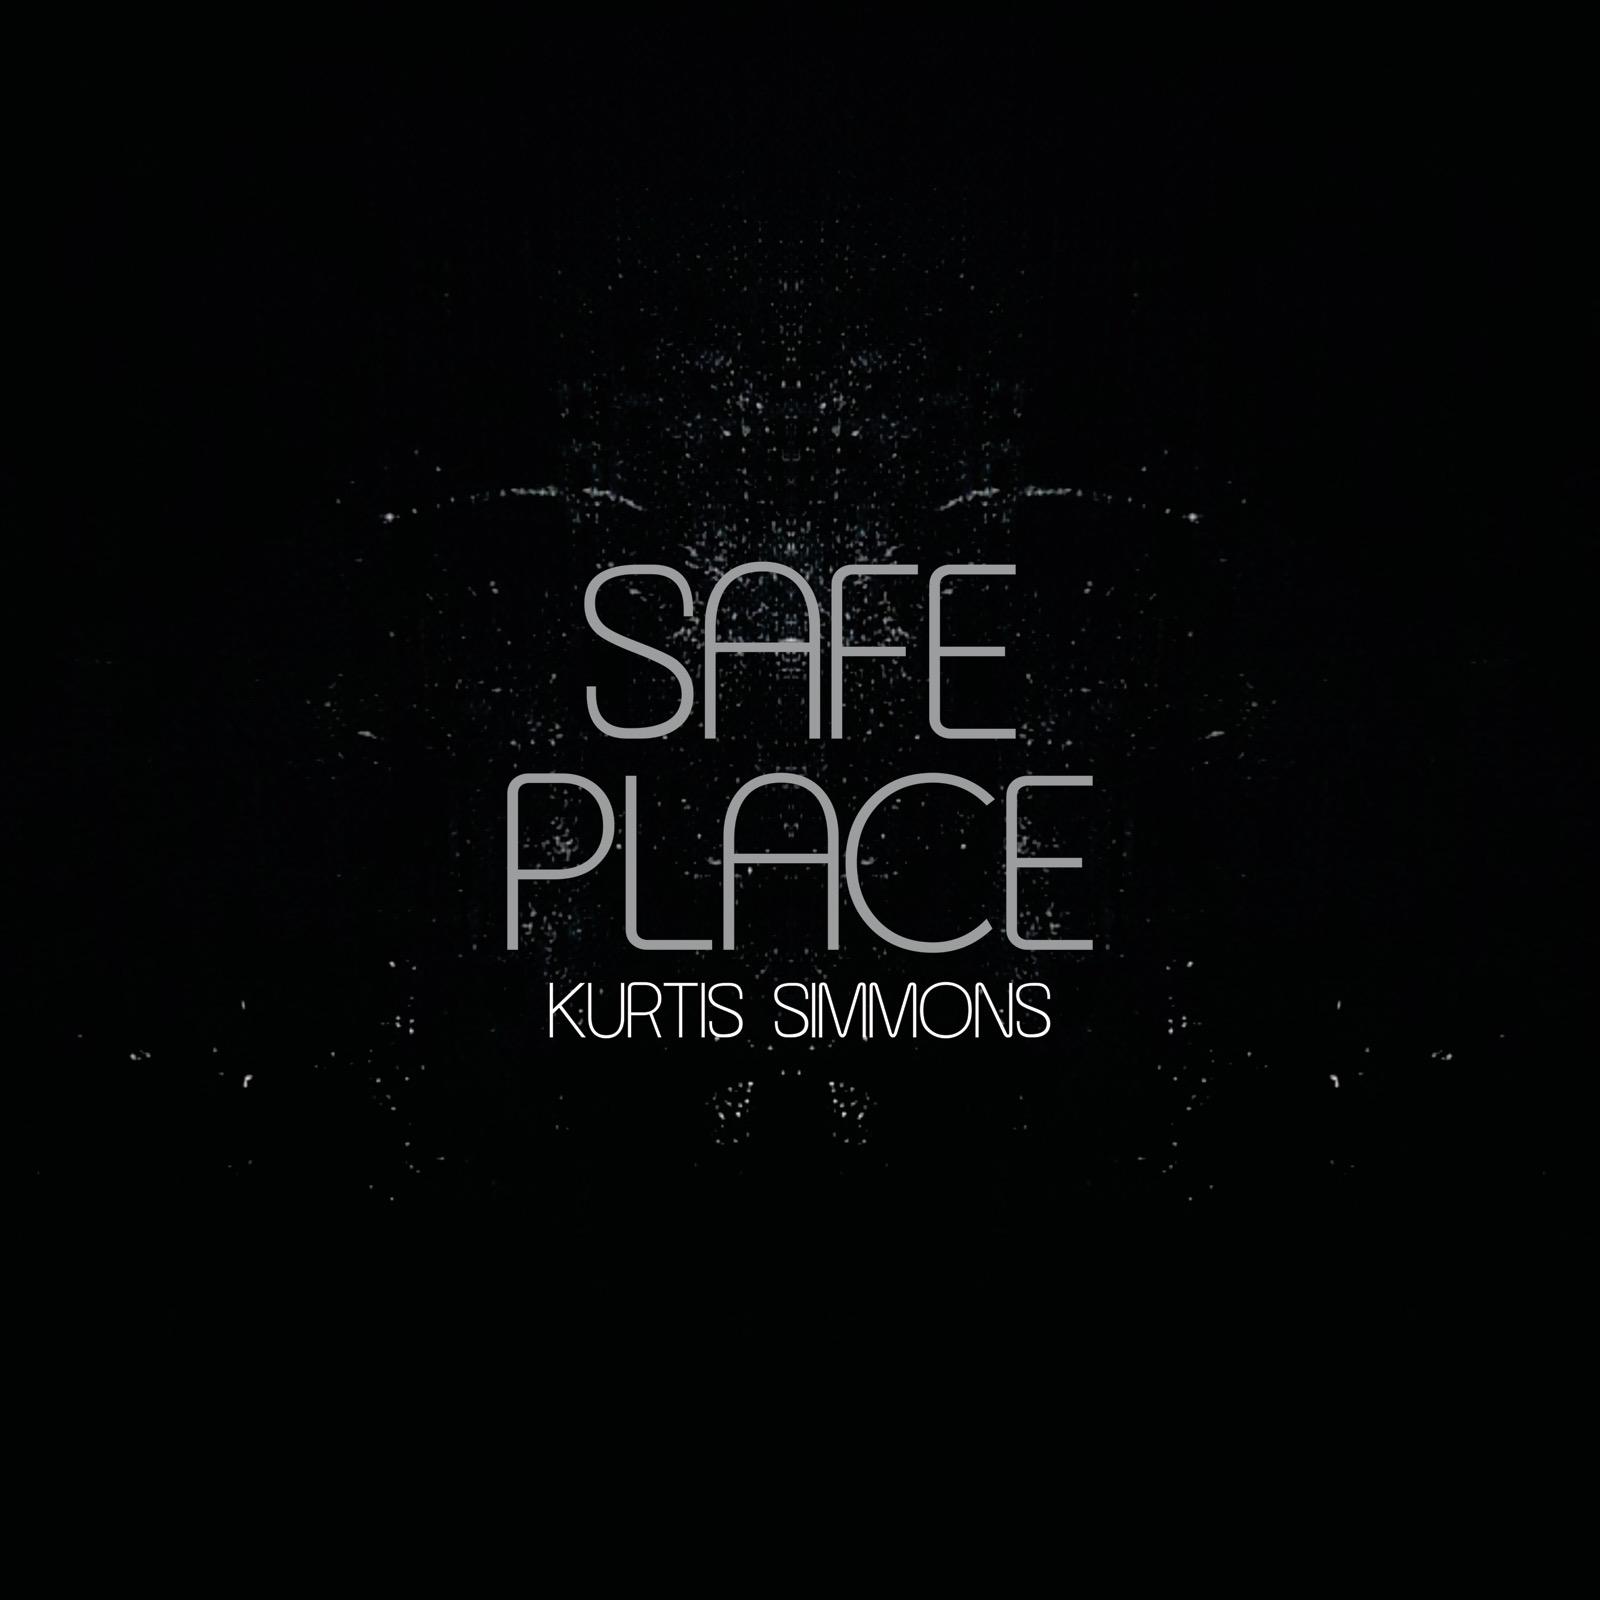 safe place final copy (1).jpg